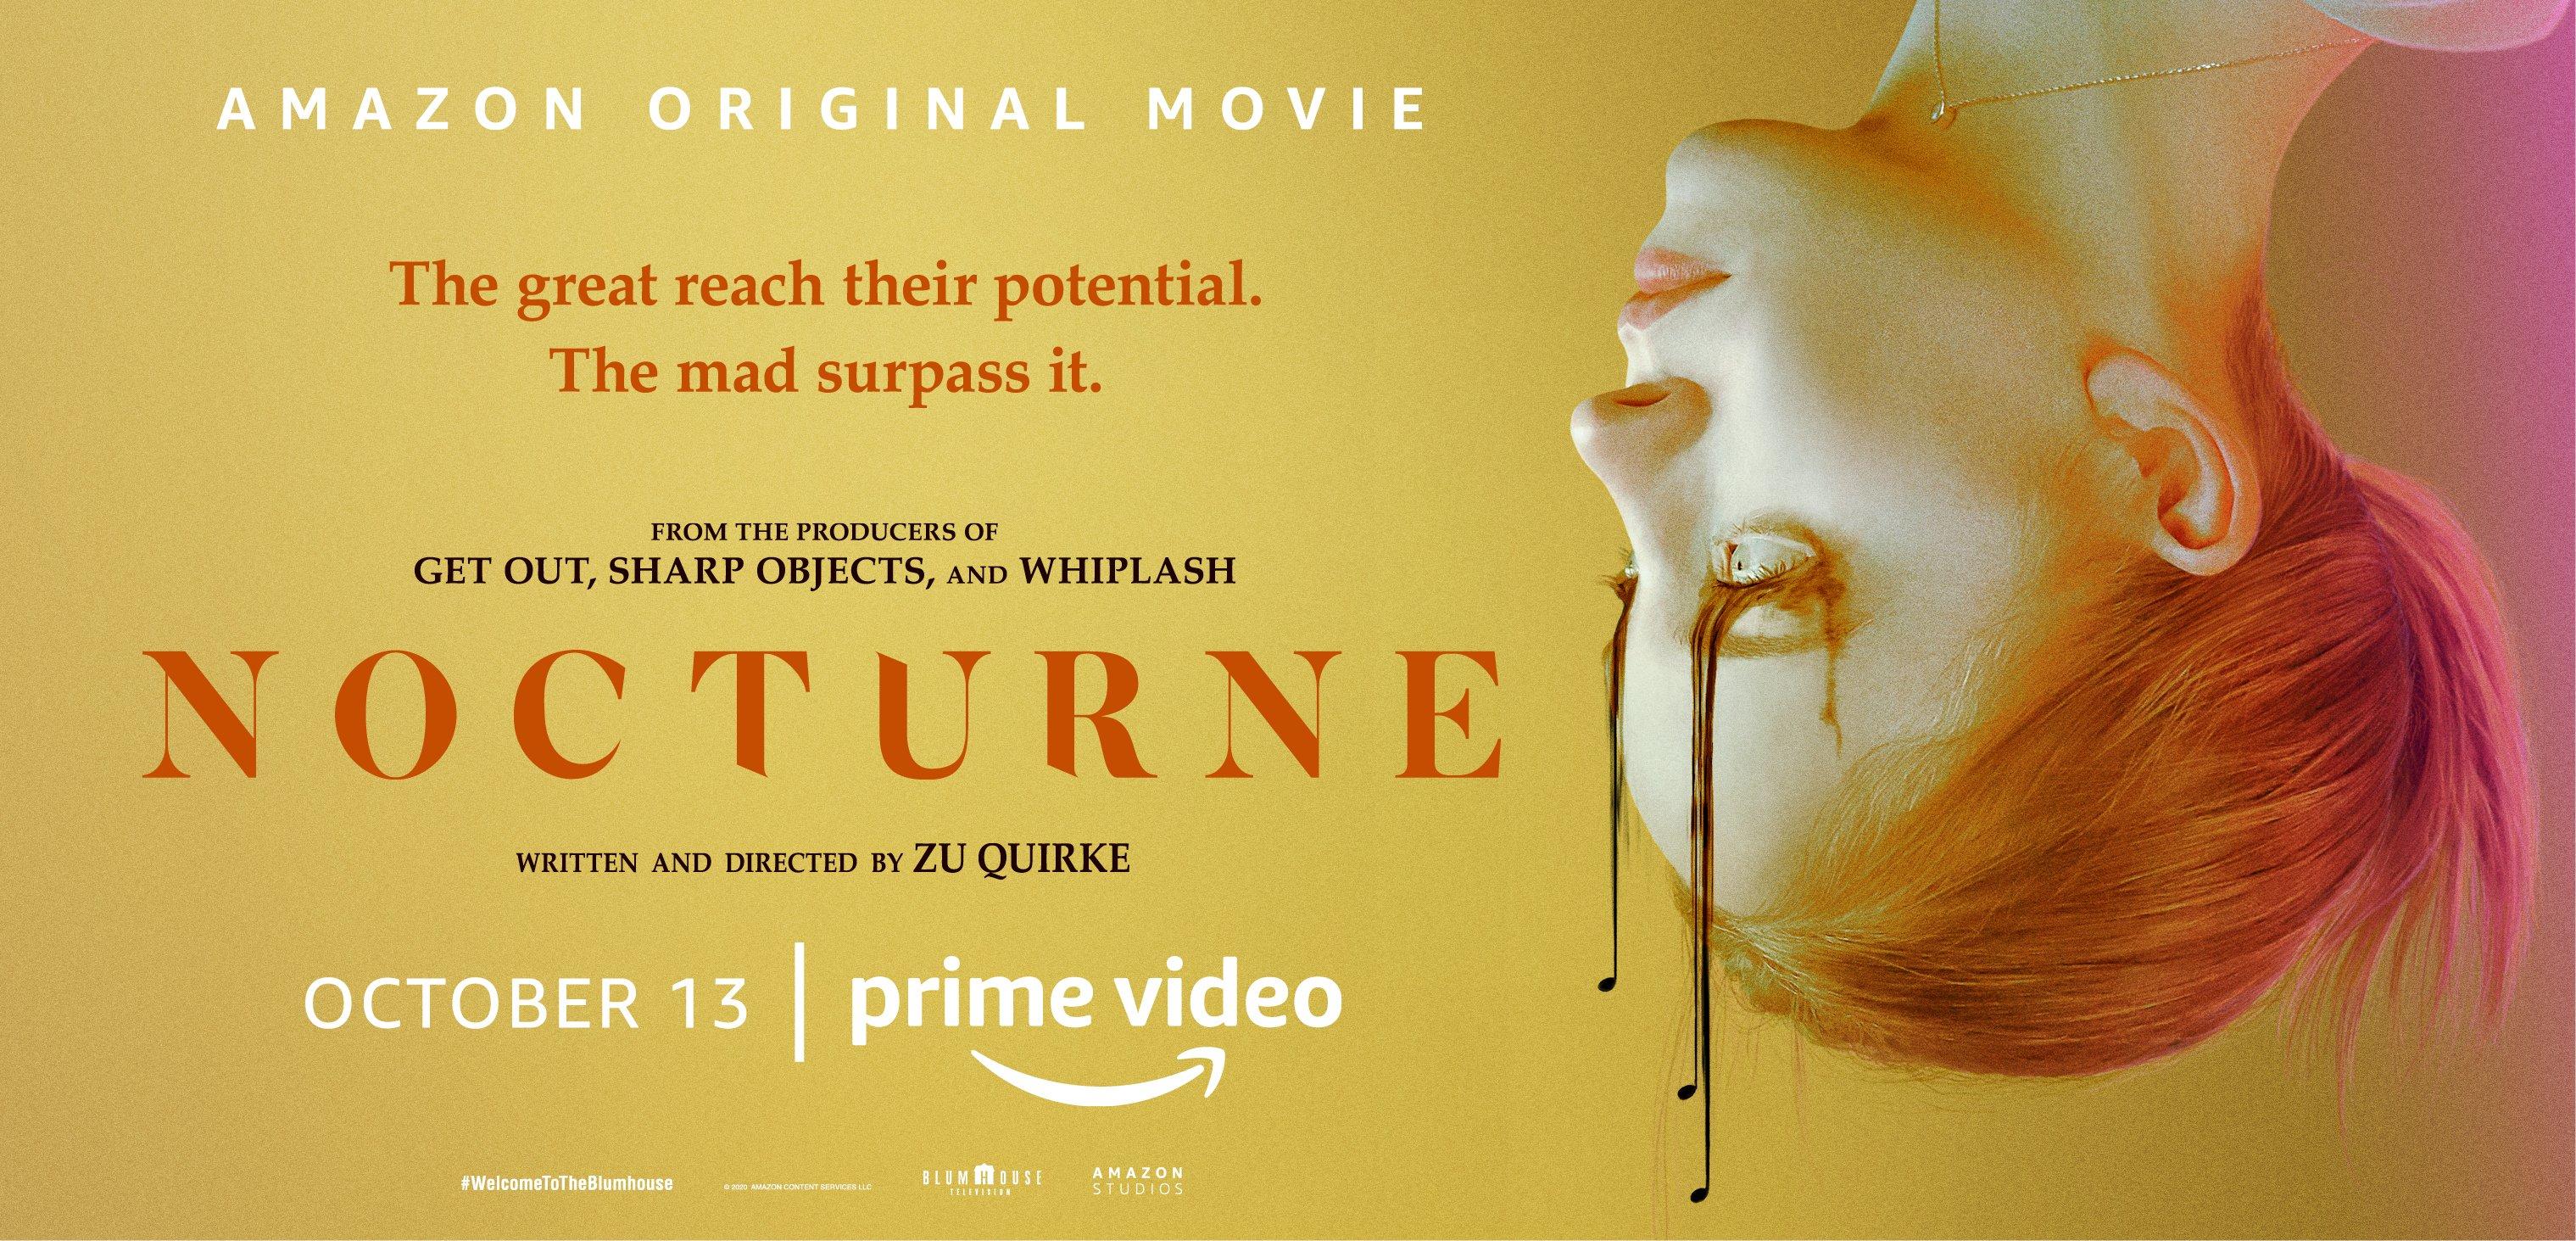 Filmes de terror da Blumhouse para o Prime Video ganham novas e  assustadoras cenas; assista | Arroba Nerd